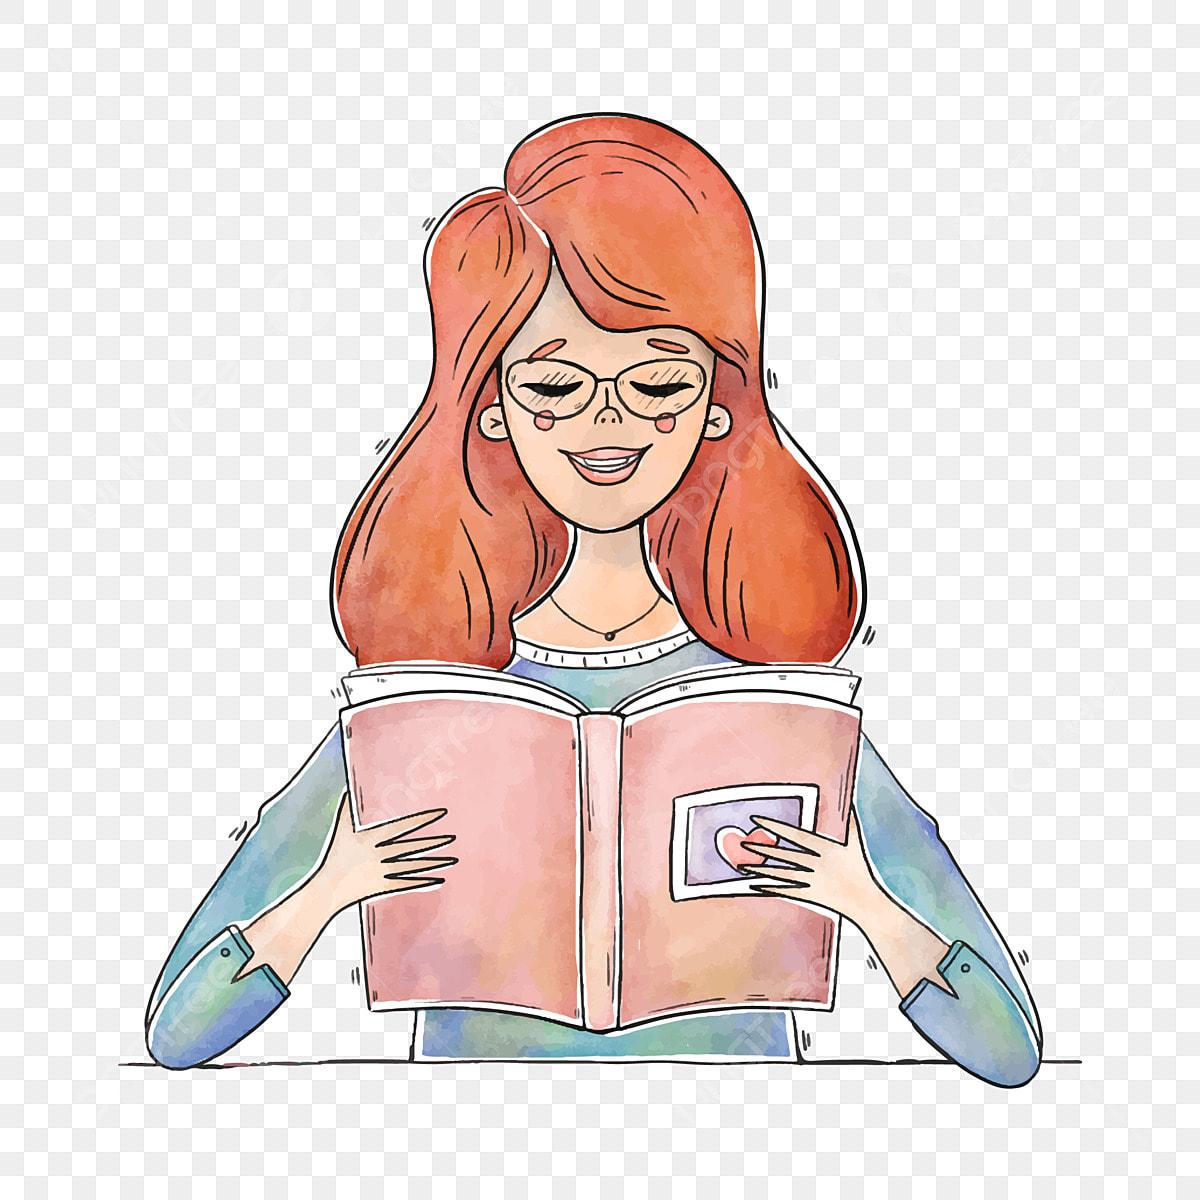 Gambar Kartun Wanita Rambut Panjang Gambar Gadis Kartun Wanita Rambut Panjang Rambut Merah Dengan Wanita Membaca Png Dan Vektor Untuk Muat Turun Percuma